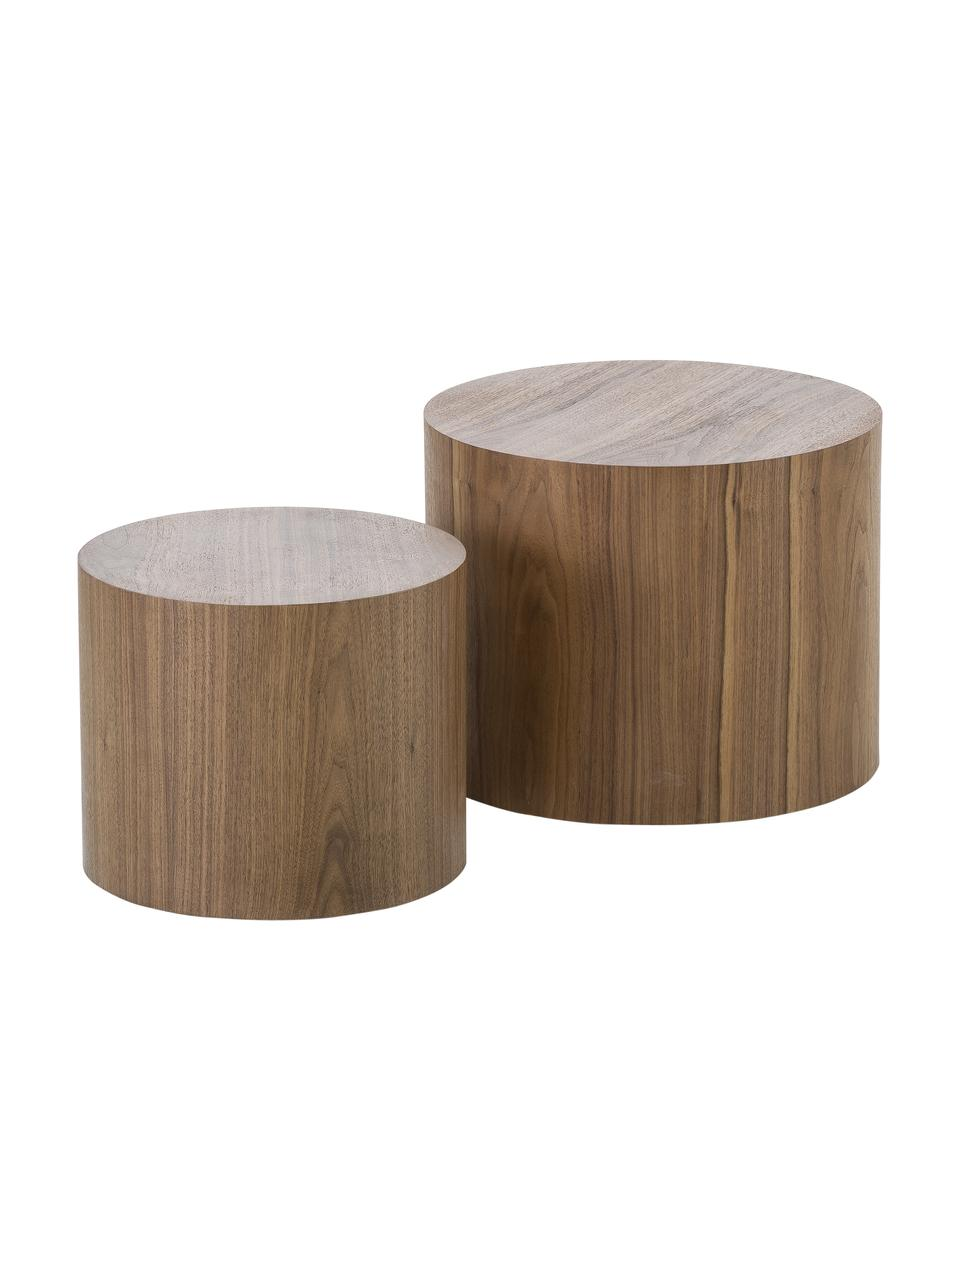 Komplet stolików pomocniczych z drewna Dan, 2 elem., Płyta pilśniowa (MDF), fornir z drewna orzechowego, Ciemny brązowy, Komplet z różnymi rozmiarami